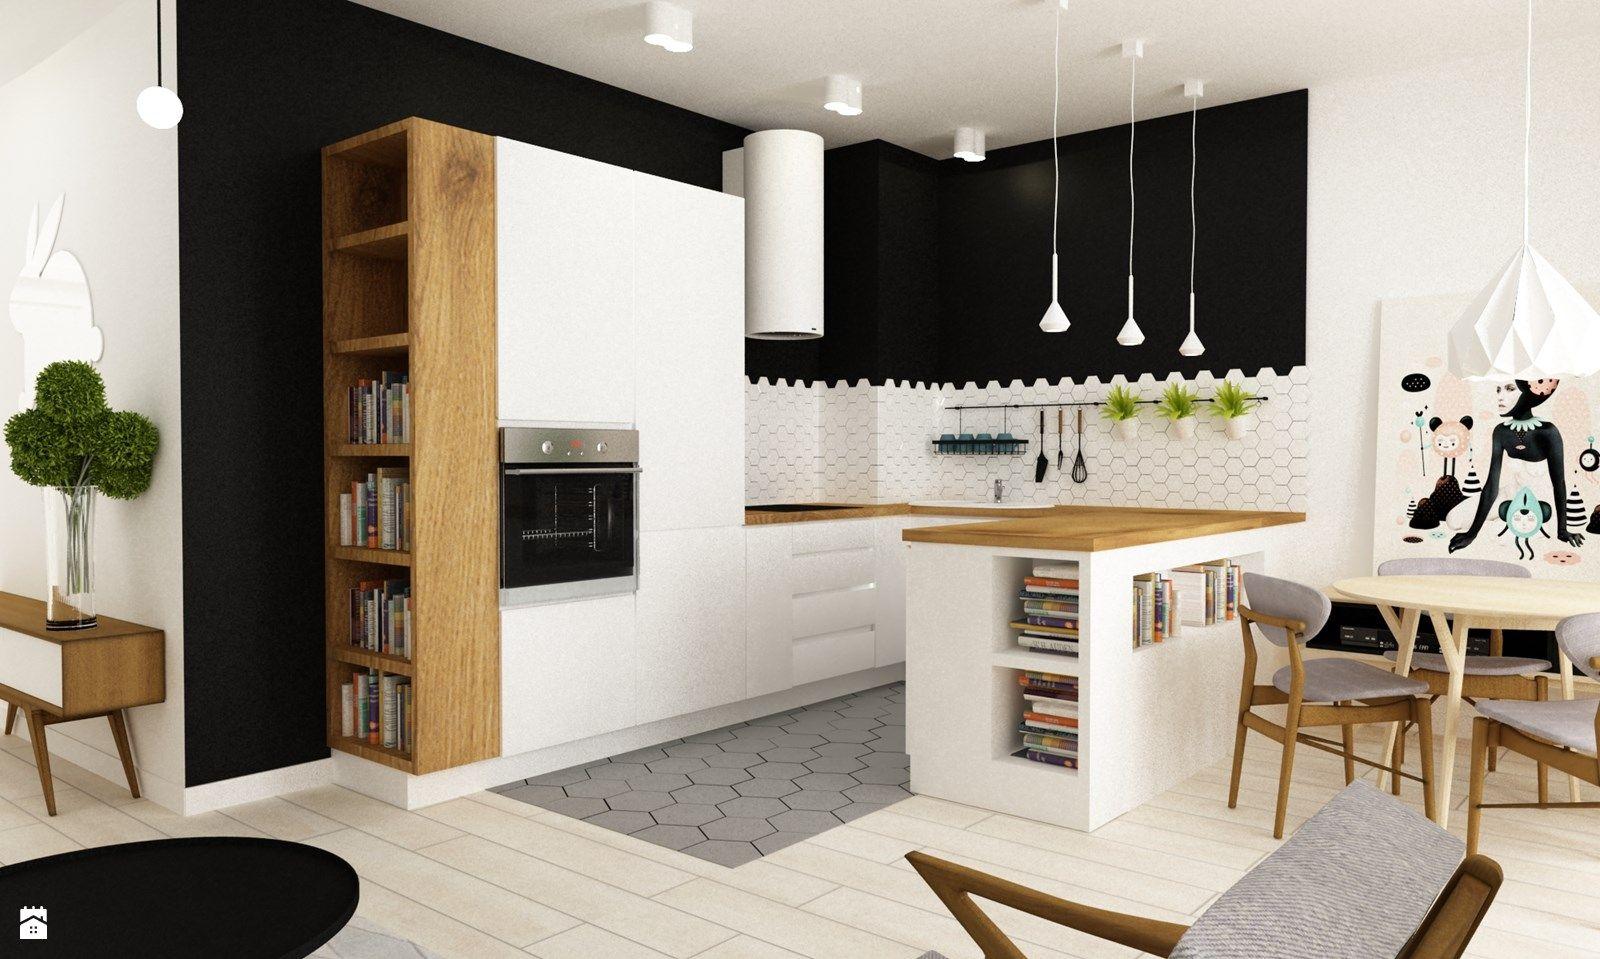 Pianohouse Powisle Warszawa Mieszkanie 73 M2 Srednia Otwarta Kuchnia W Ksztalcie Litery U Styl Nowoczesny Home Decor Kitchen Home Kitchens Kitchen Interior